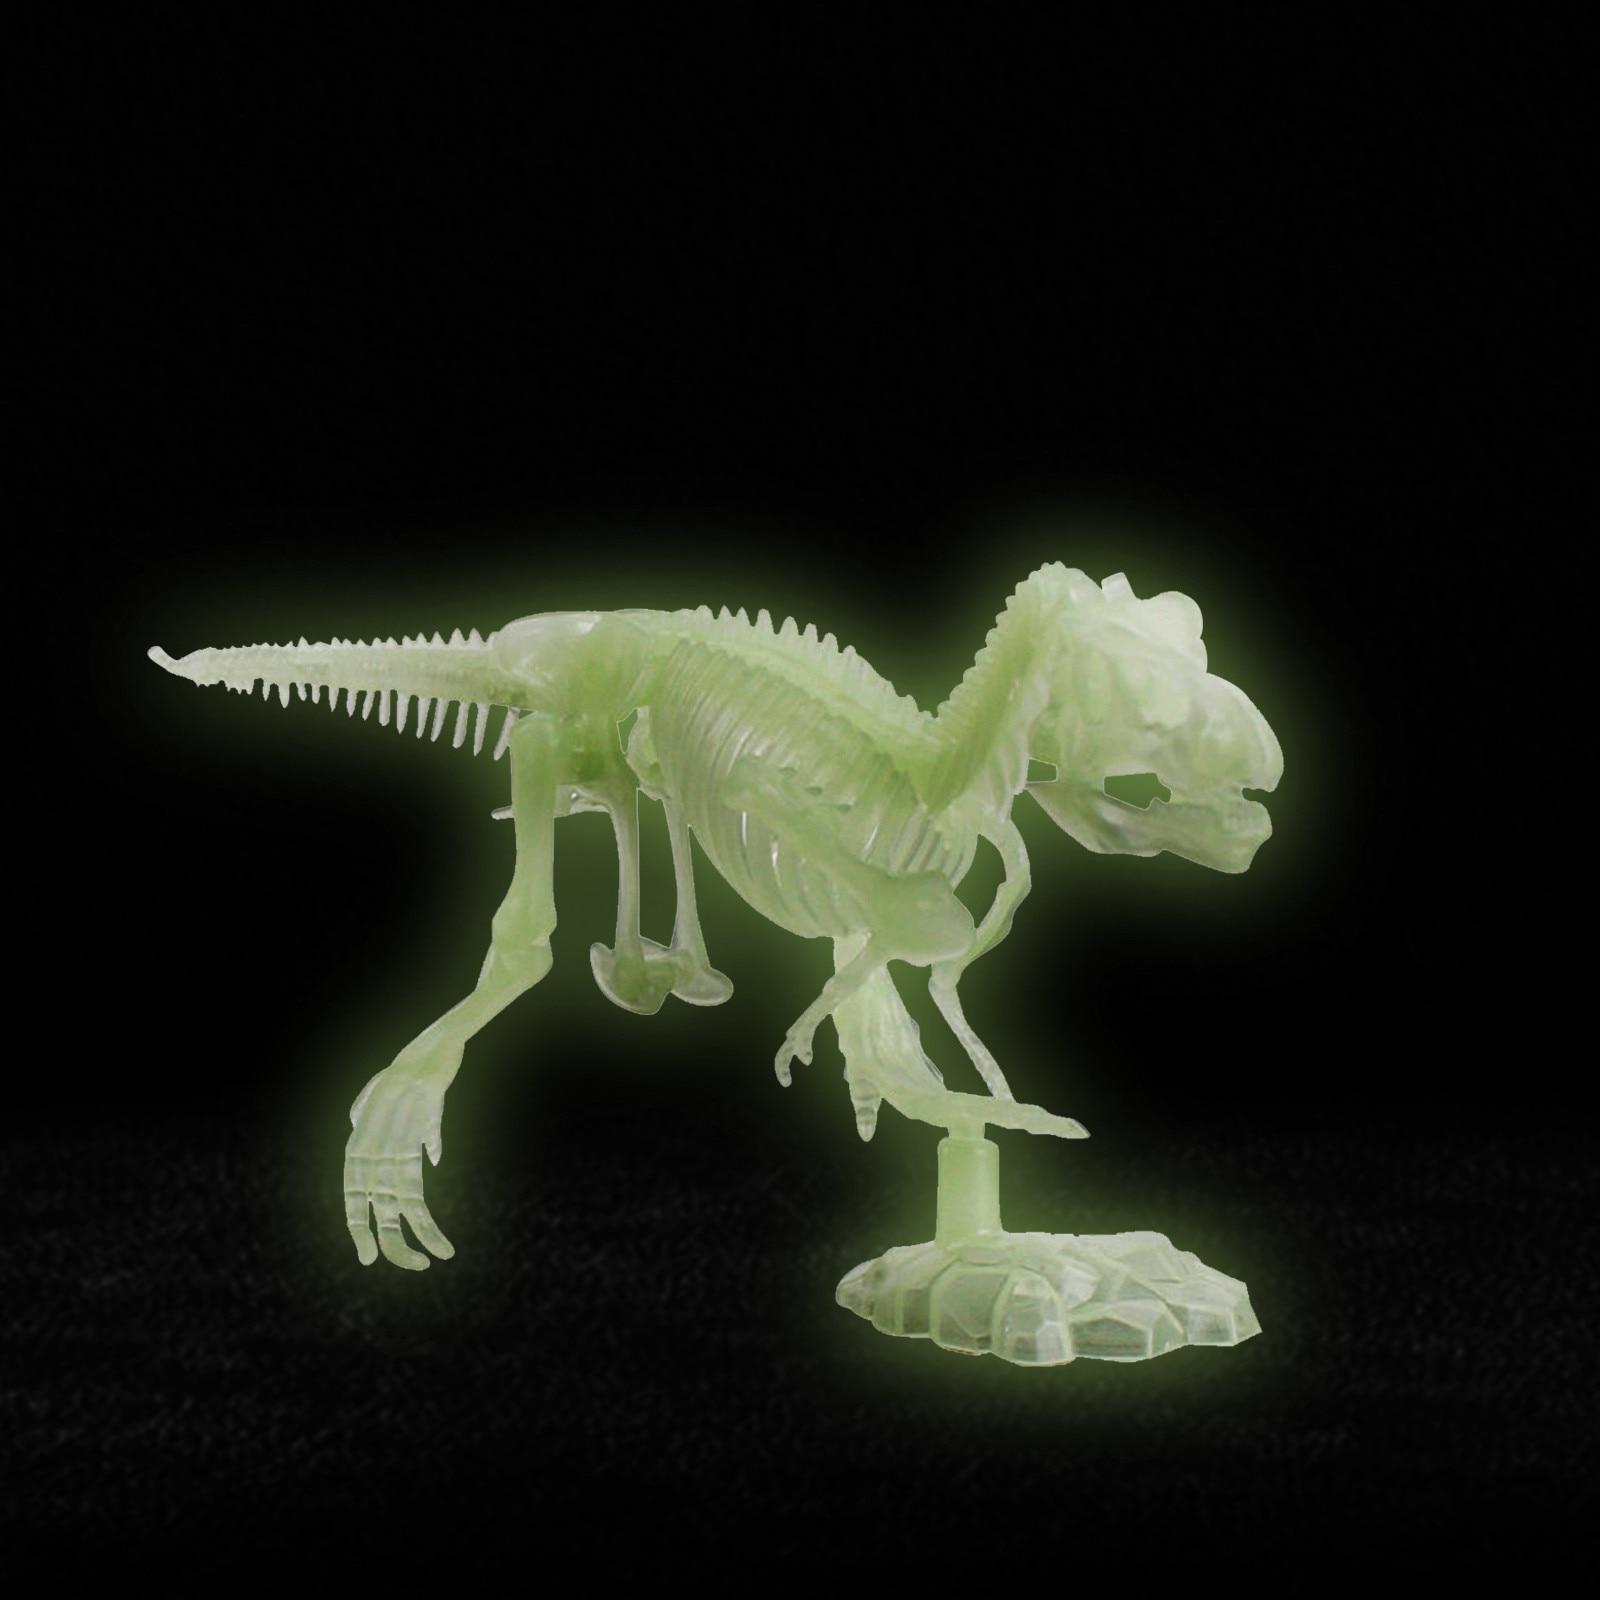 Ossos fluorescentes de dinossauro para halloween, modelo